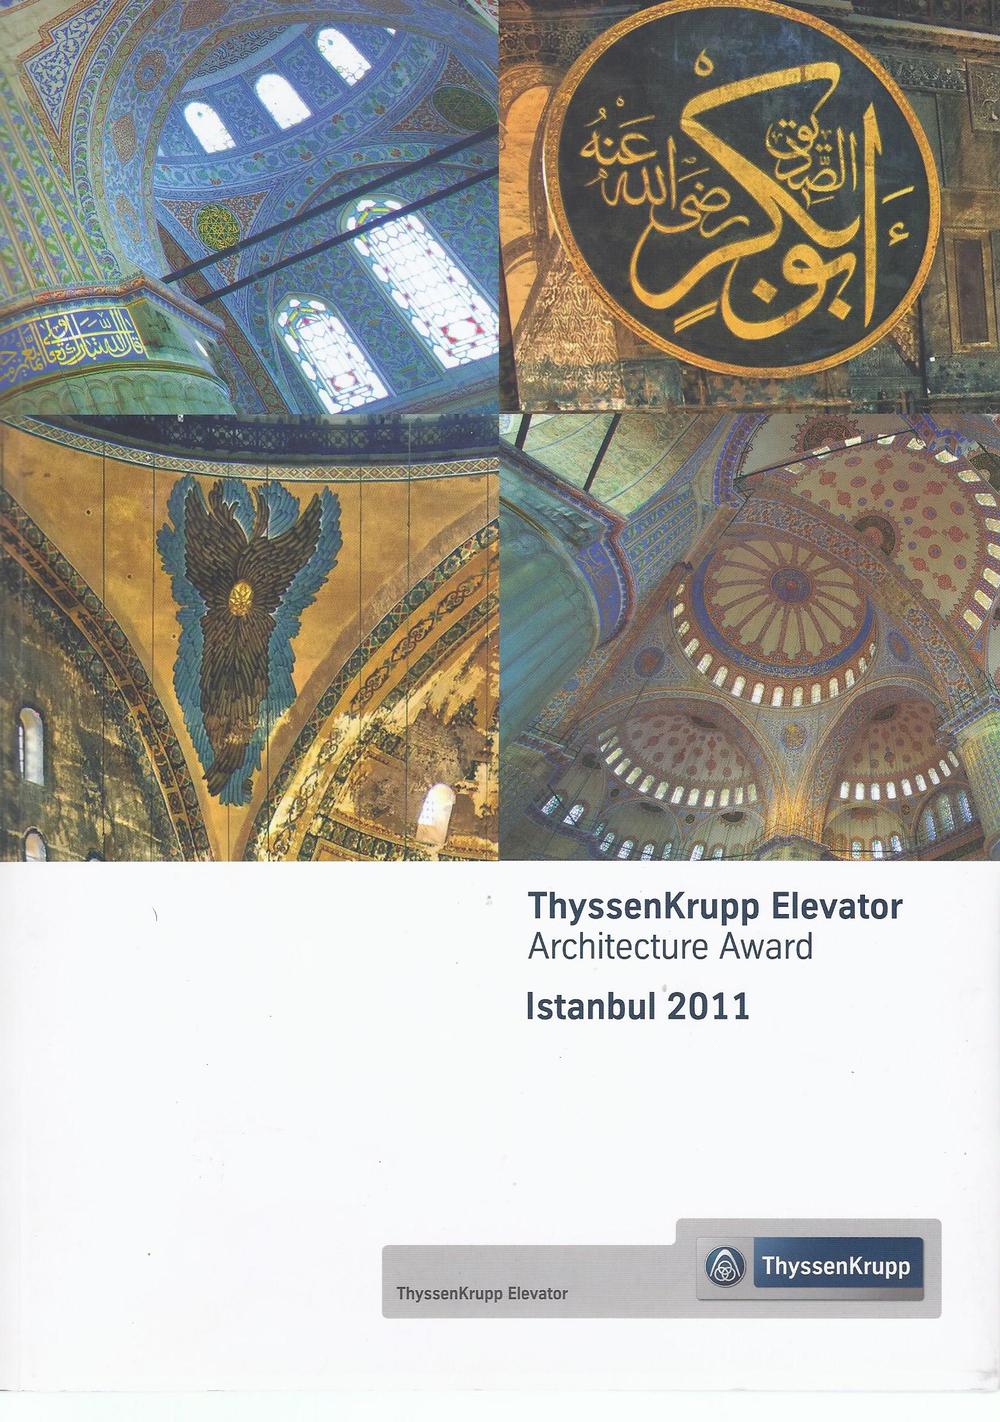 thyssenKrupp_istanbull_2011.jpg